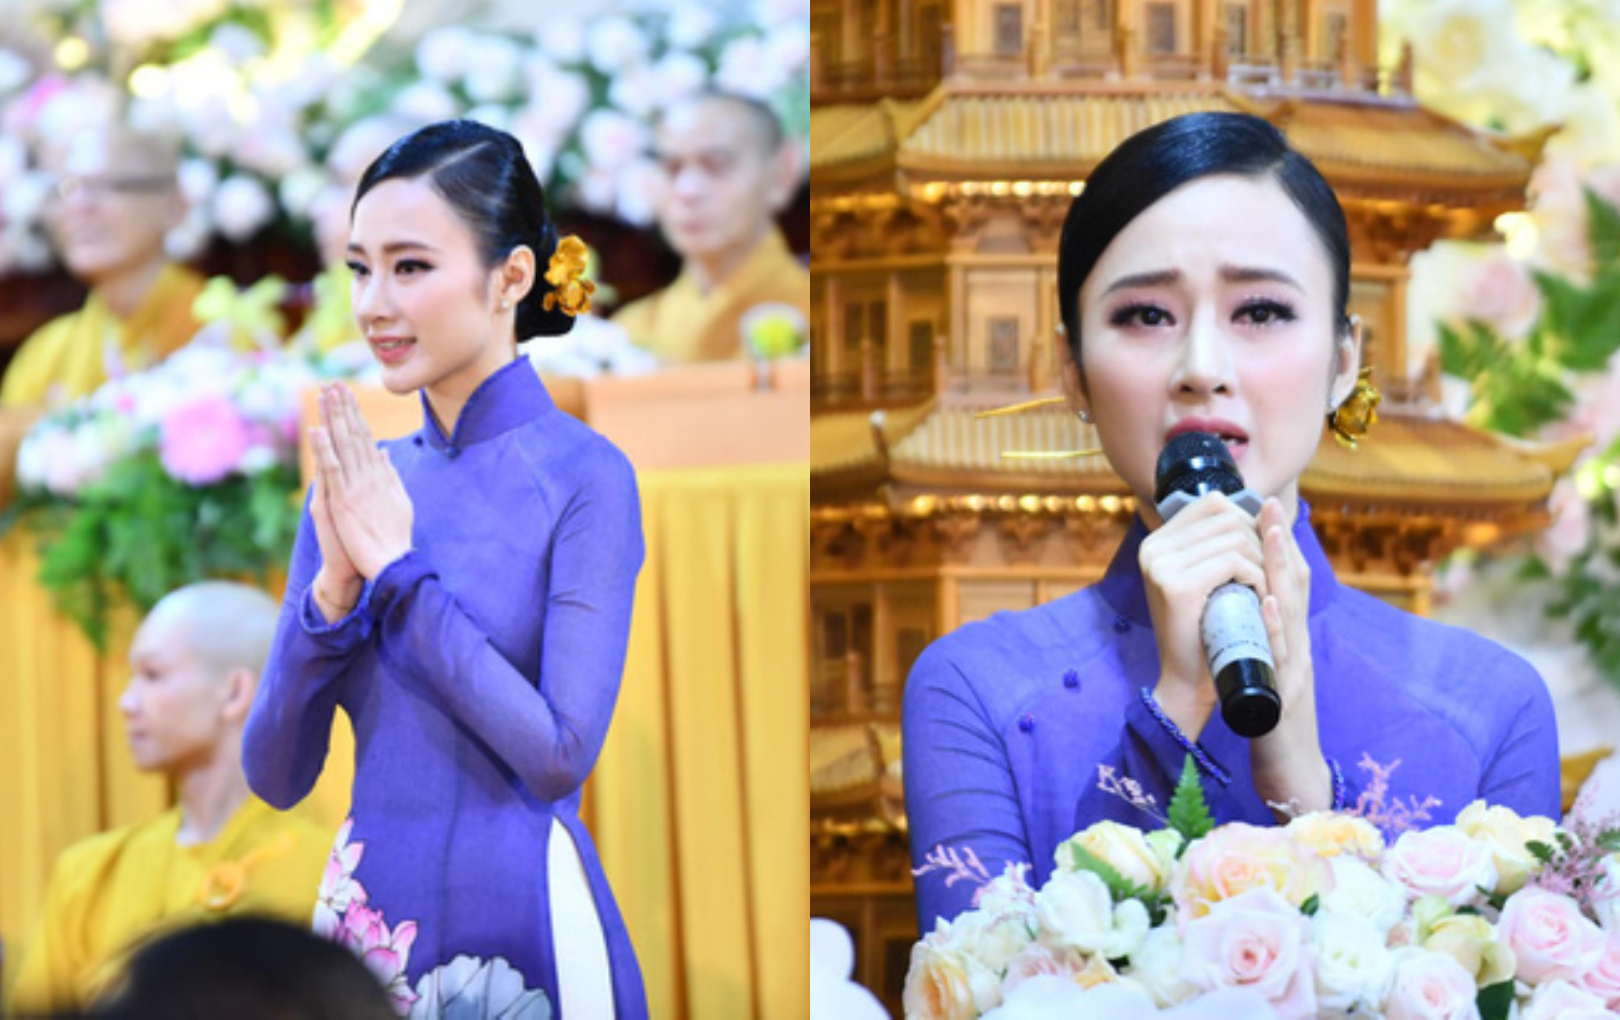 Angela Phương Trinh diện áo dài đẹp đến ngẩn ngơ, bật khóc khi nói về công ơn sinh thành của cha mẹ